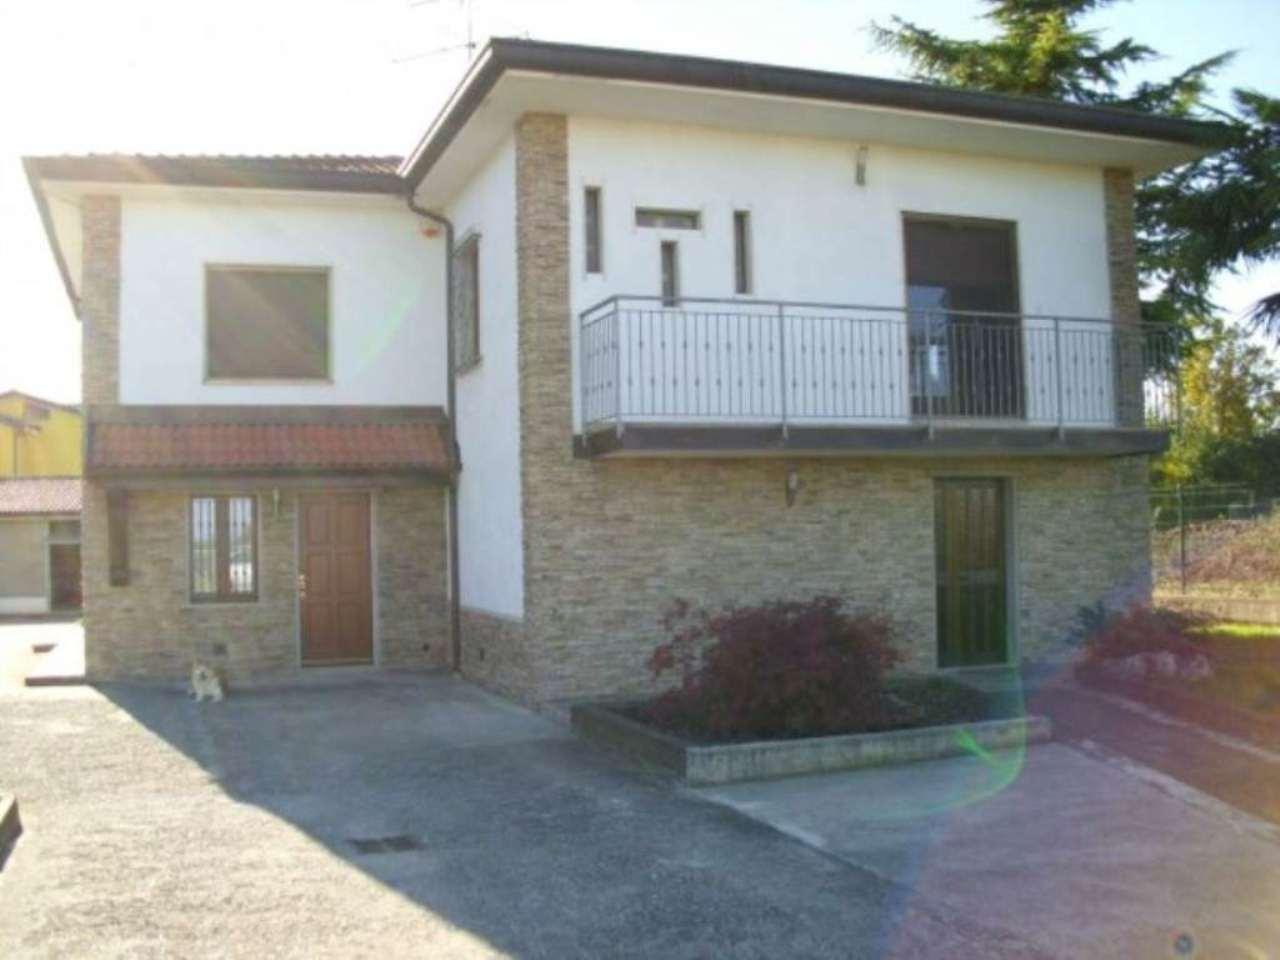 Villa in vendita a Isso, 3 locali, prezzo € 330.000 | Cambio Casa.it